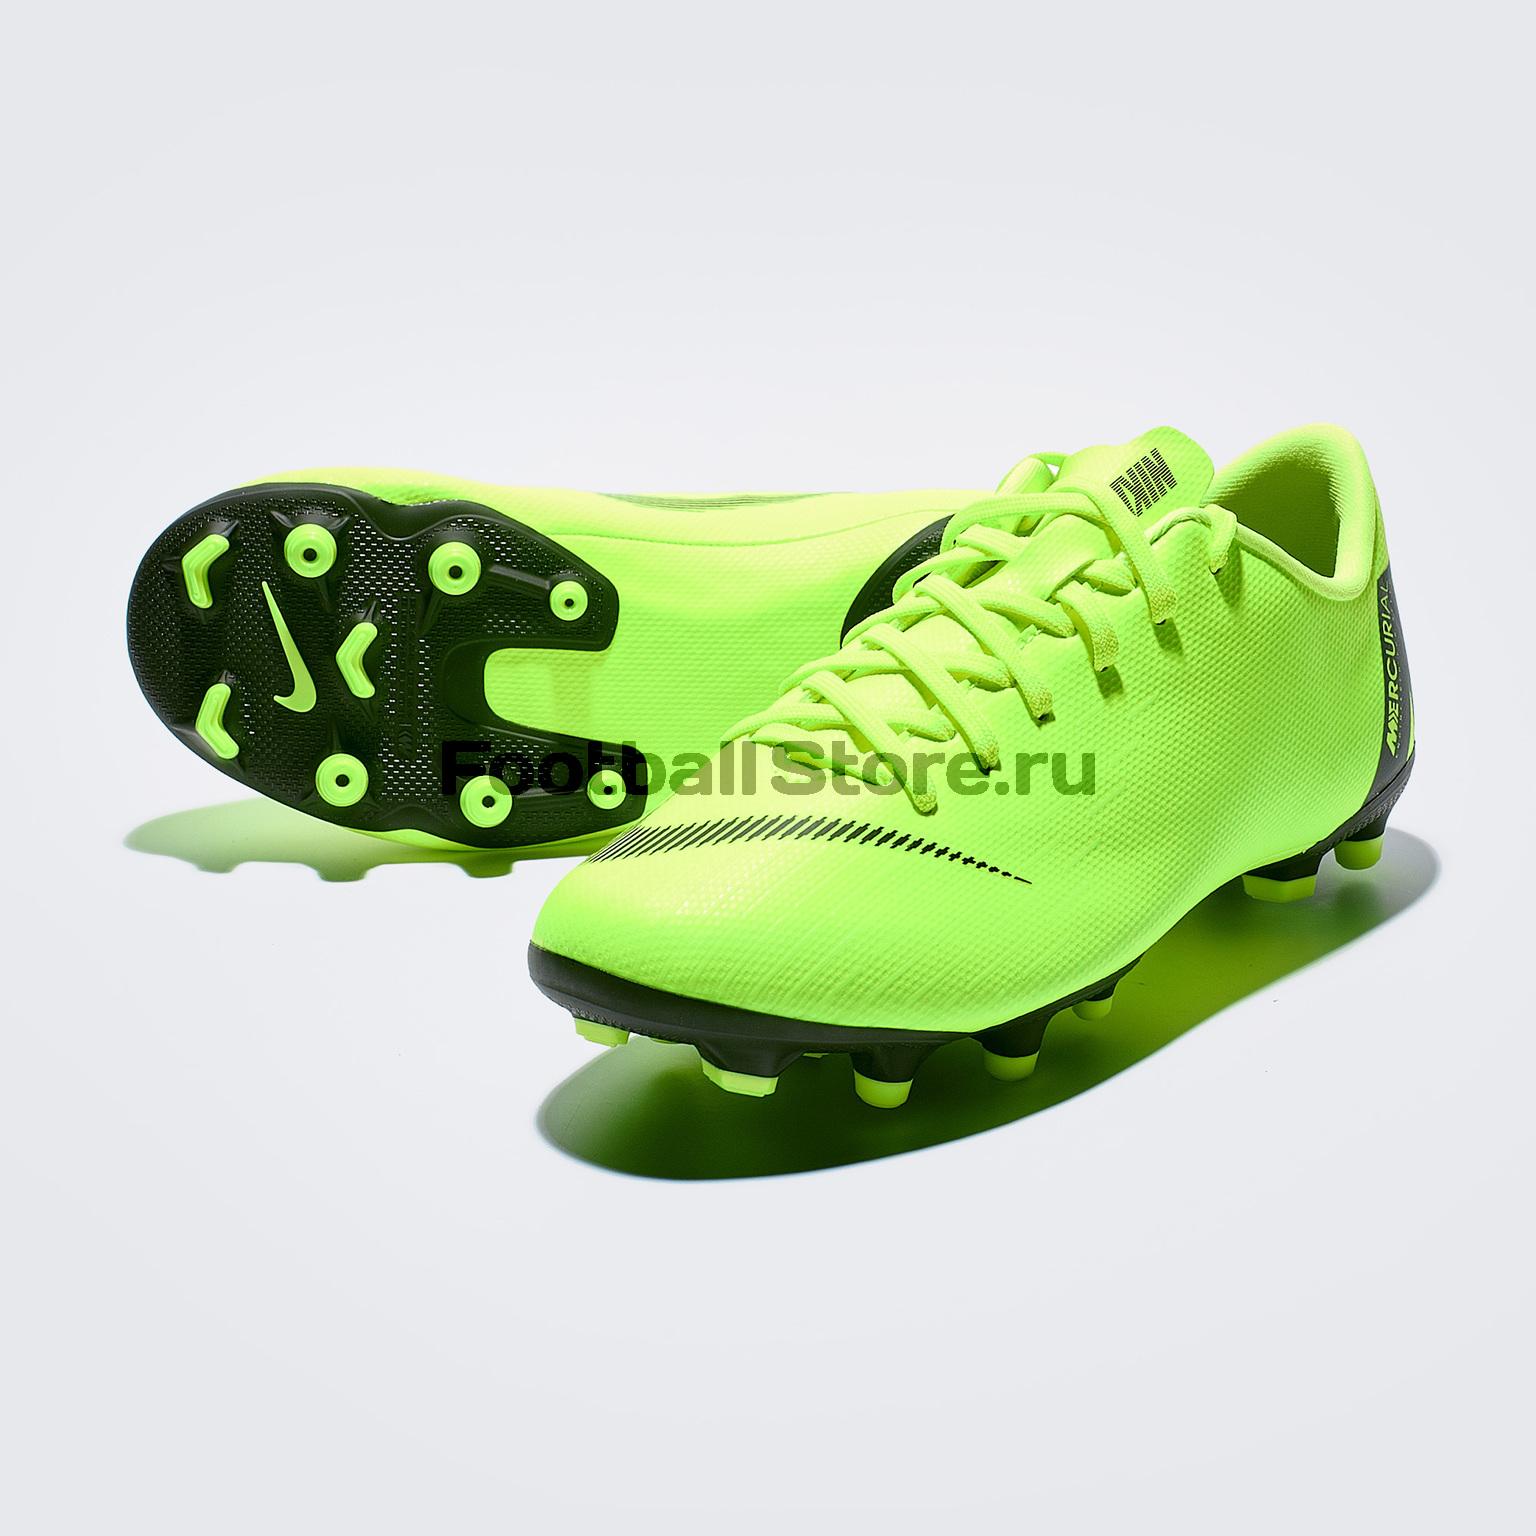 Бутсы детские Nike Vapor 12 Academy GS FG/MG AH7347-701 бутсы детские nike vapor 12 academy gs fg mg ah7347 060